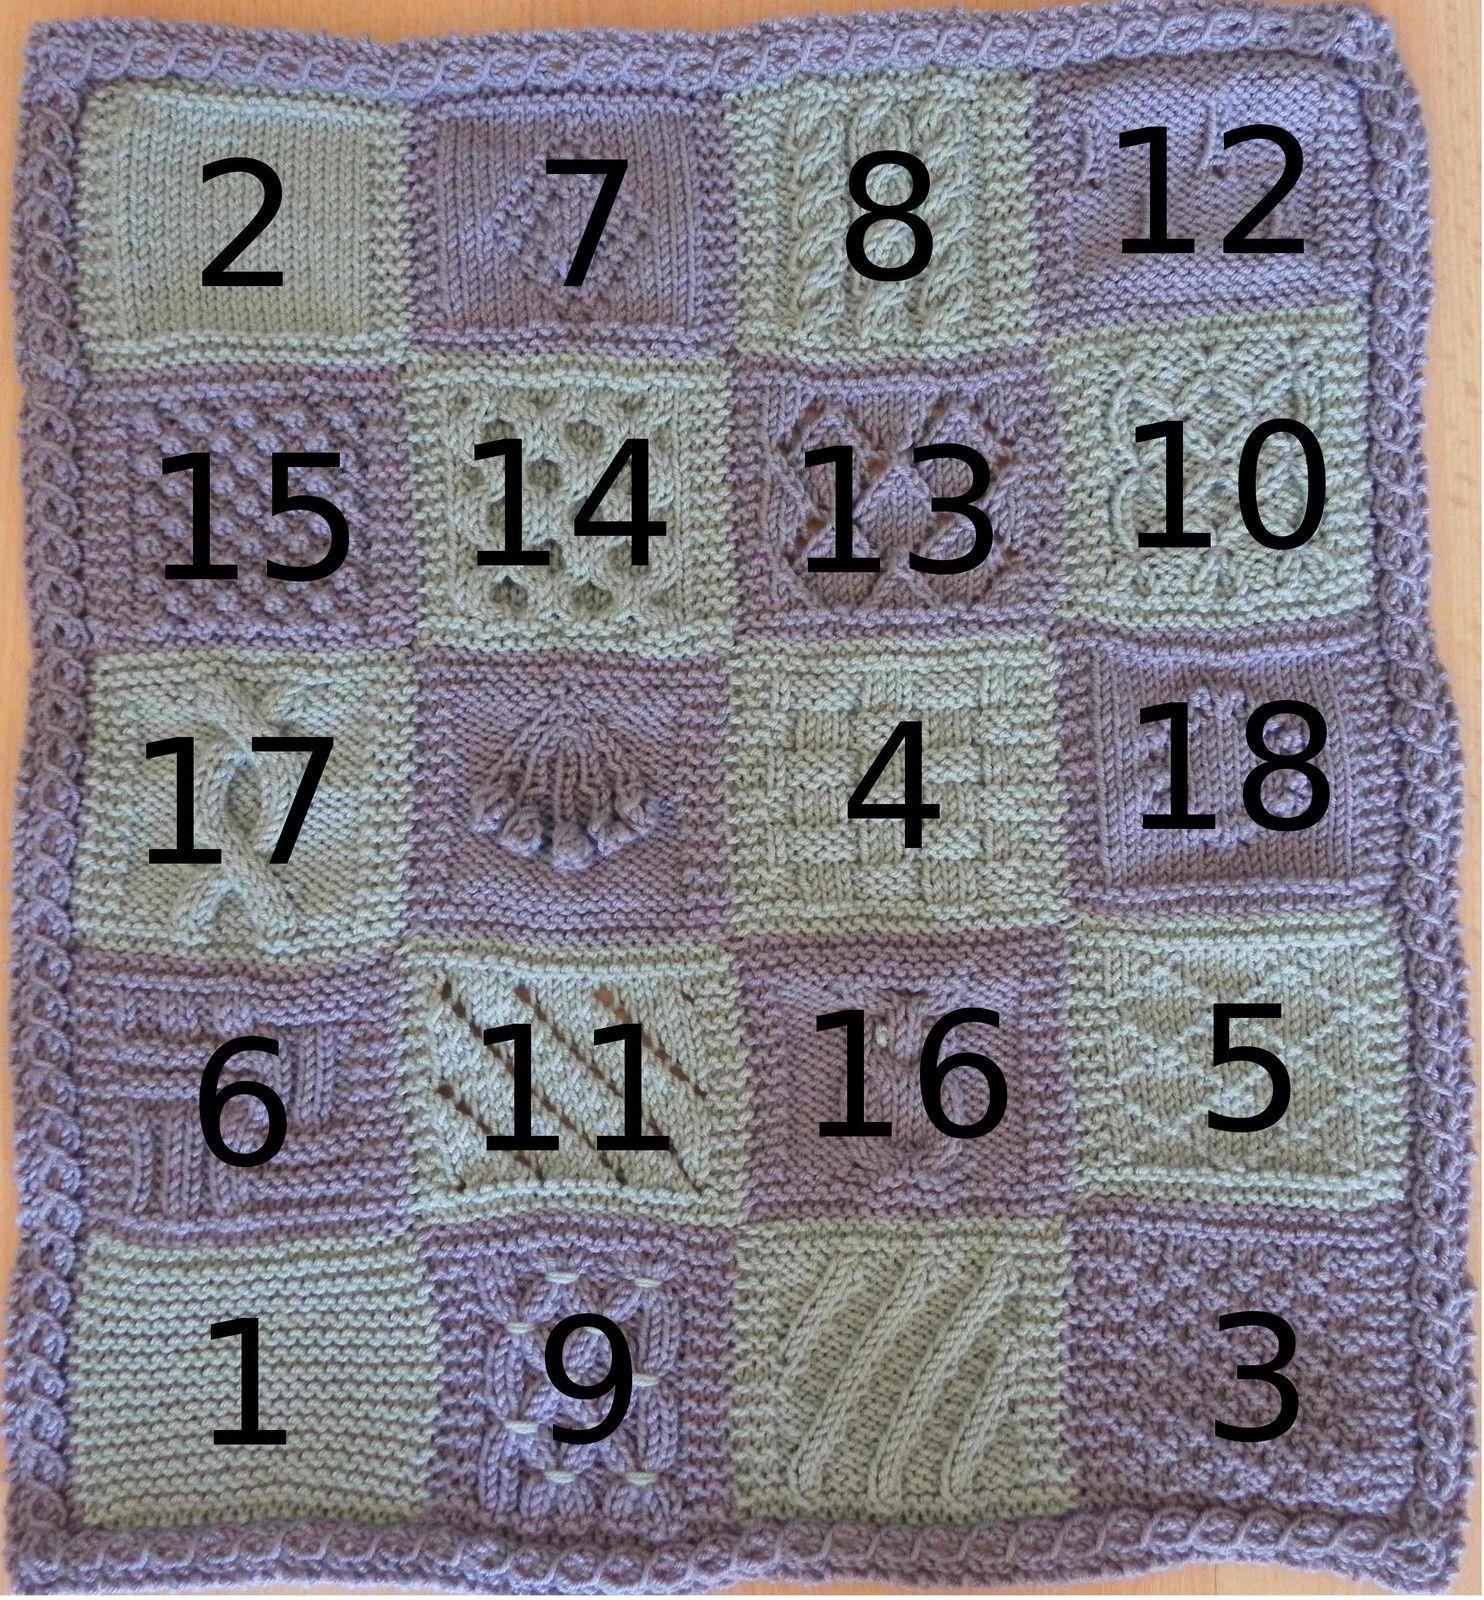 KAL boucle d'or version adulte : carré 18 version A